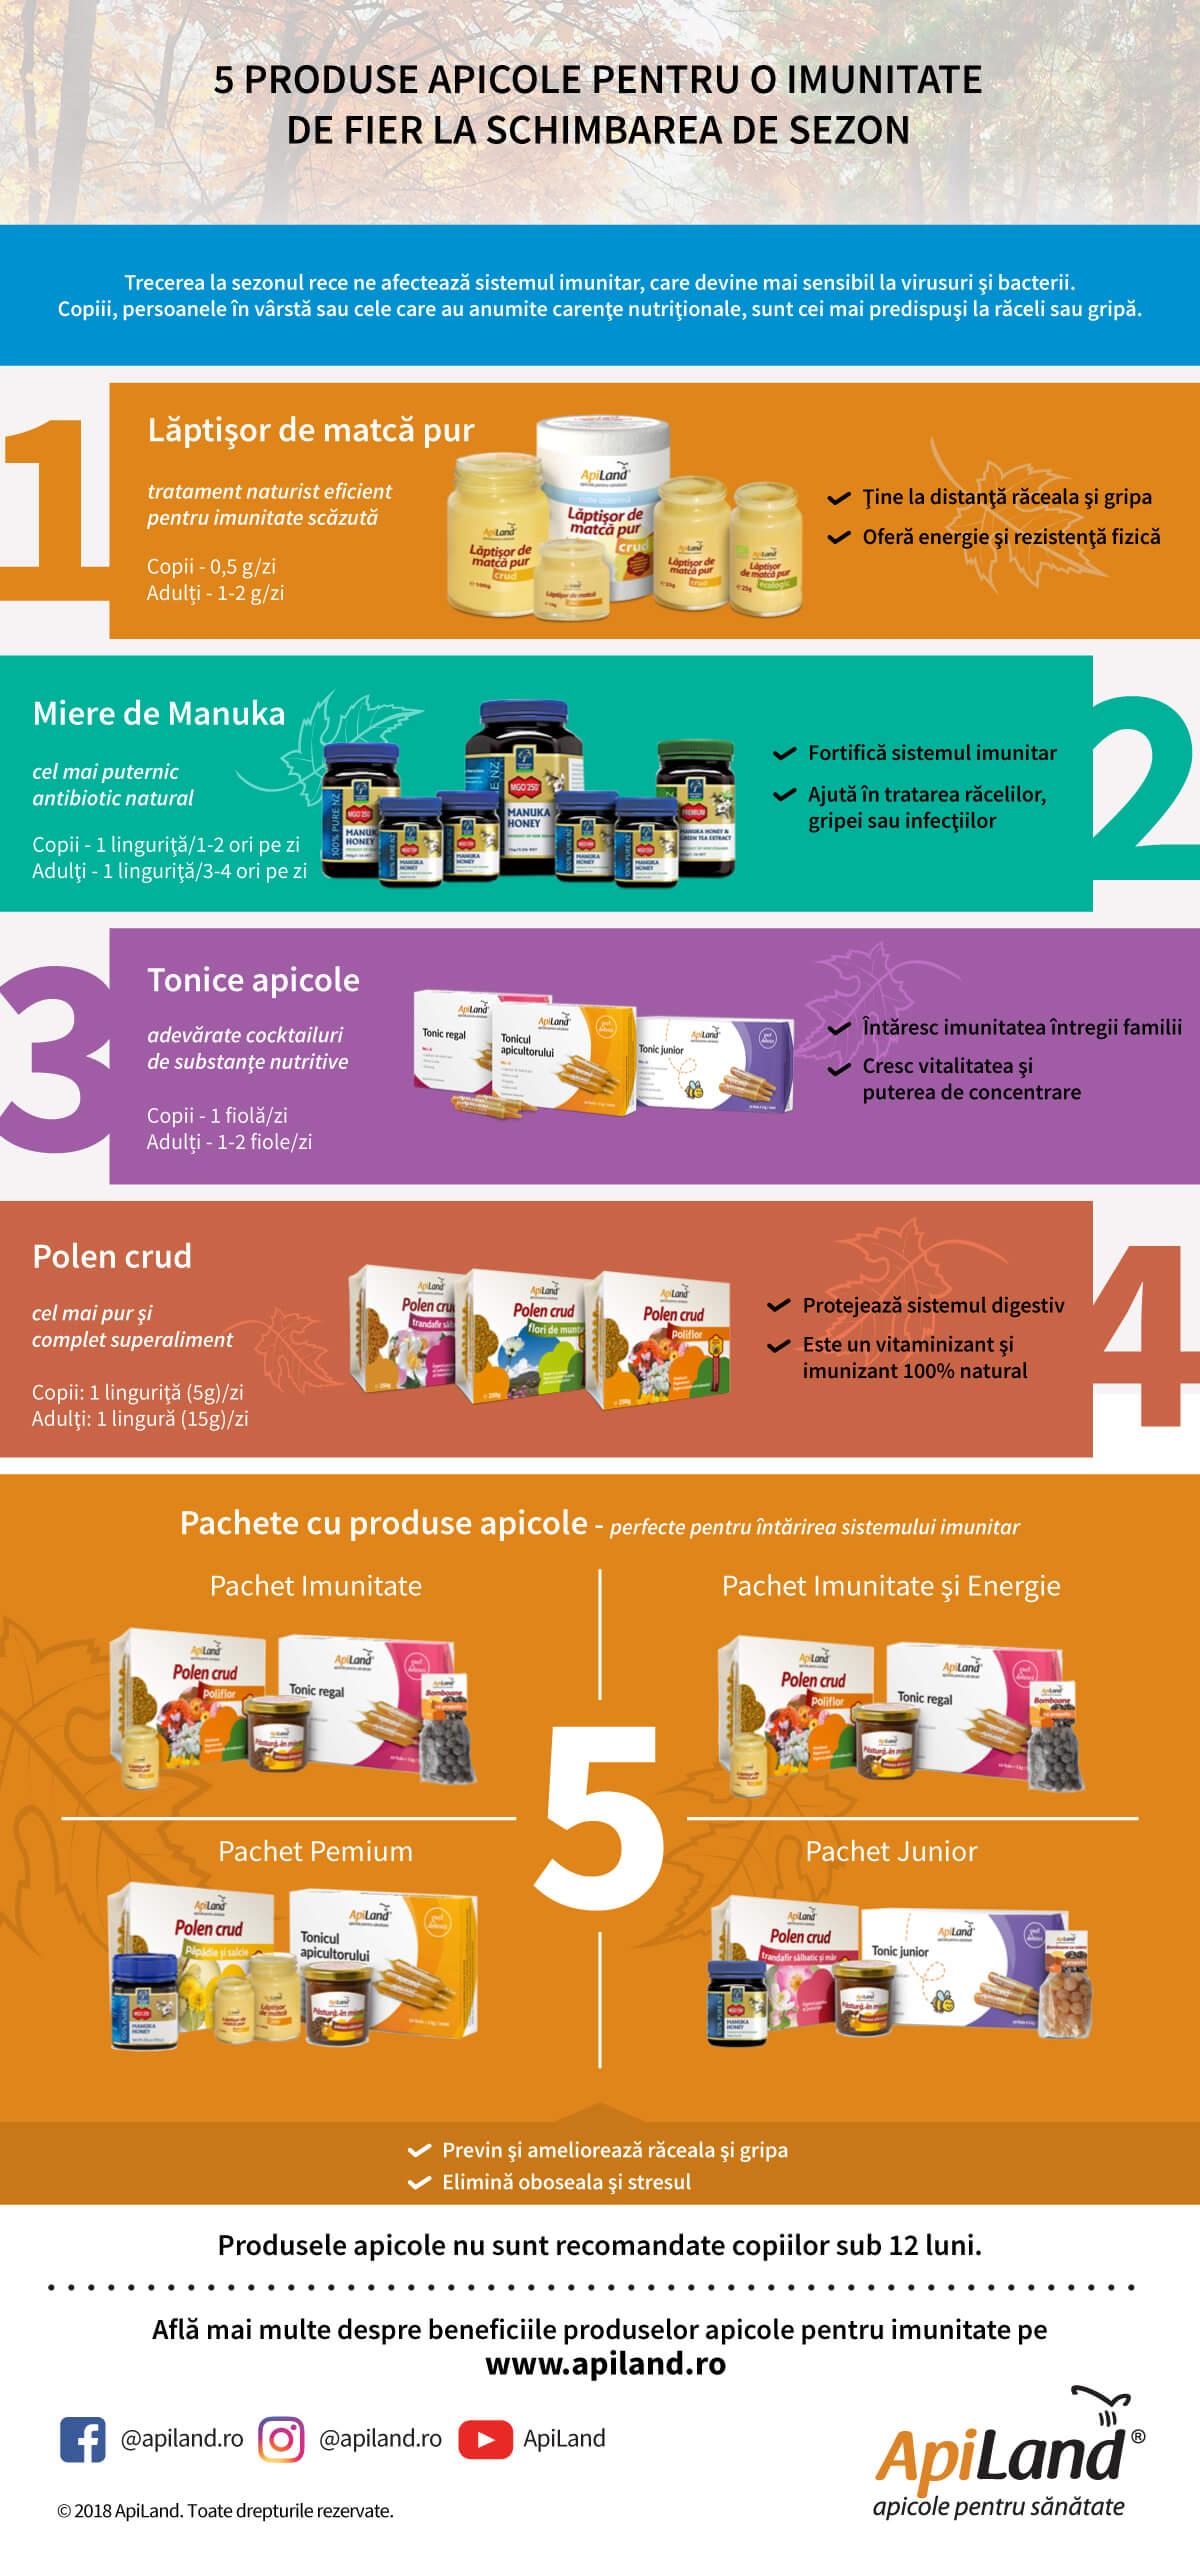 5-produse-apicole-imunitate